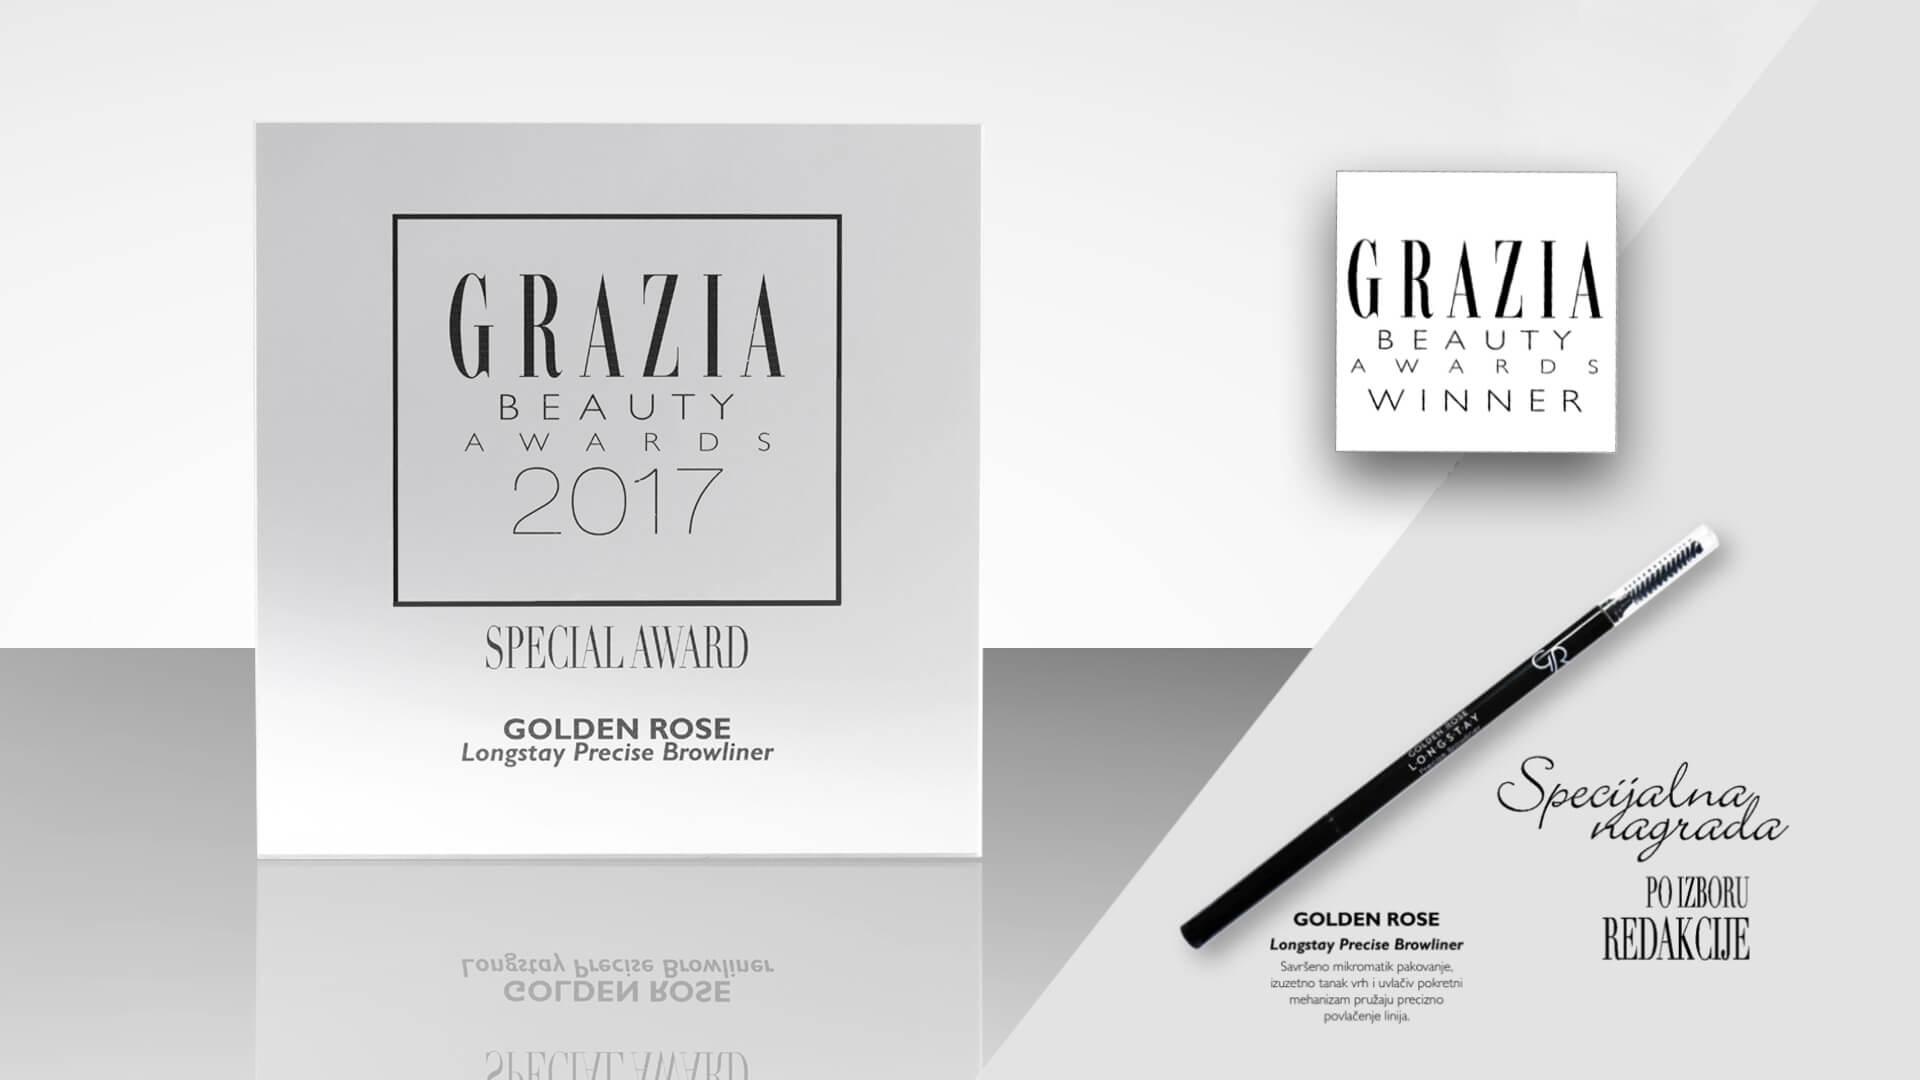 GRAZIA BEAUTY AWARDS 2017. GODINE SPECIJALNA NAGRADA